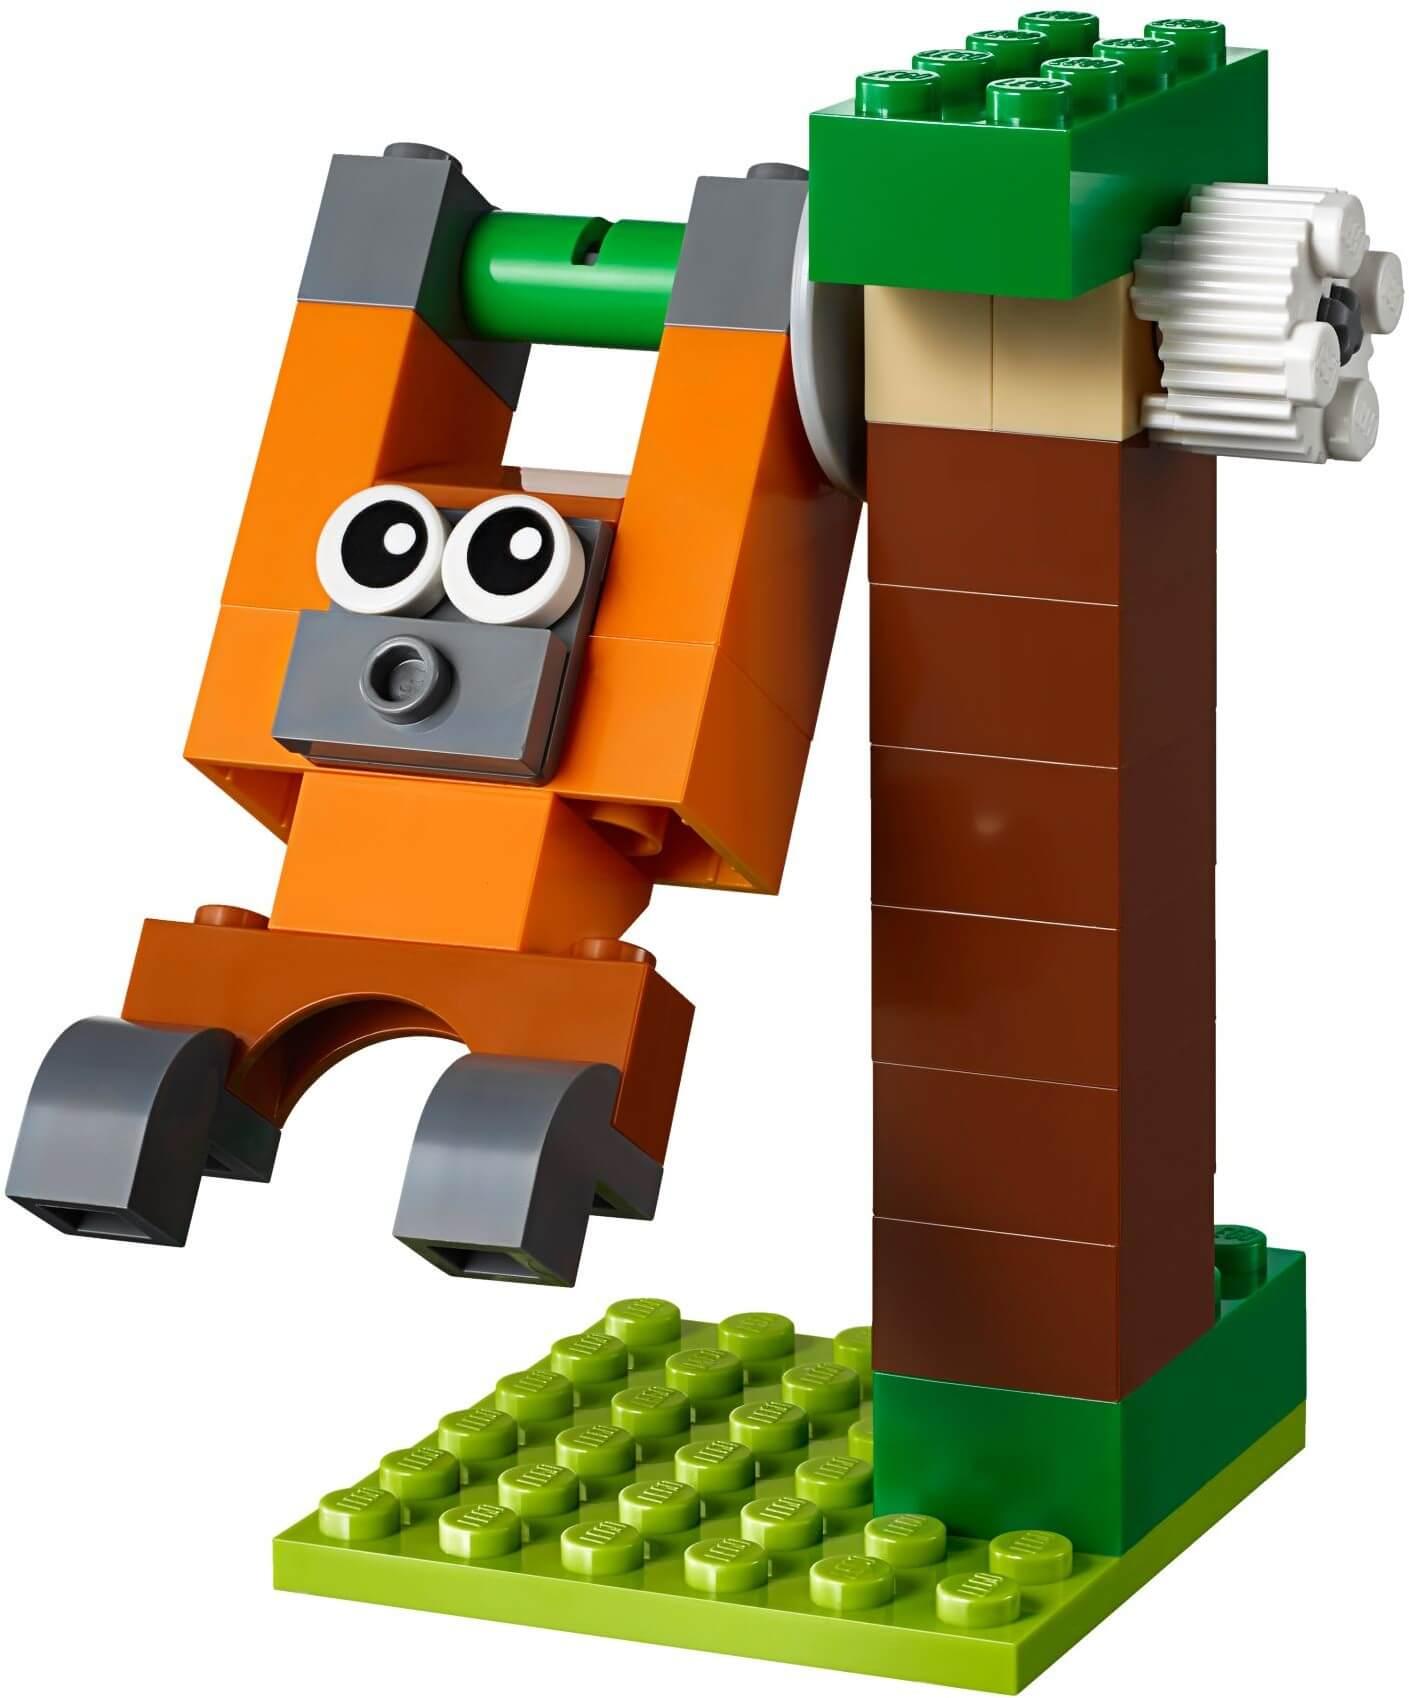 Mua đồ chơi LEGO 10712 - LEGO Classic 10712 - Bộ Xếp hình Xoay 244 mảnh ghép (LEGO Classic 10712 Bricks and Gears)